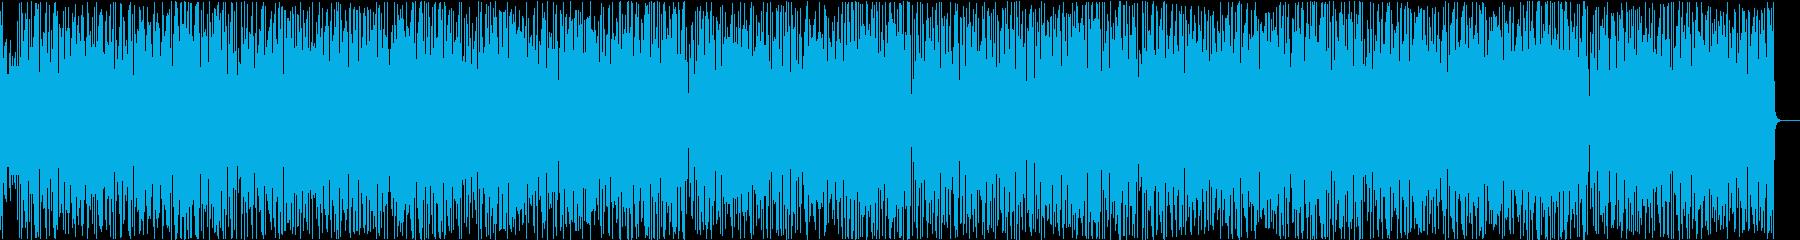 ガーリッシュでお洒落な可愛い系の再生済みの波形